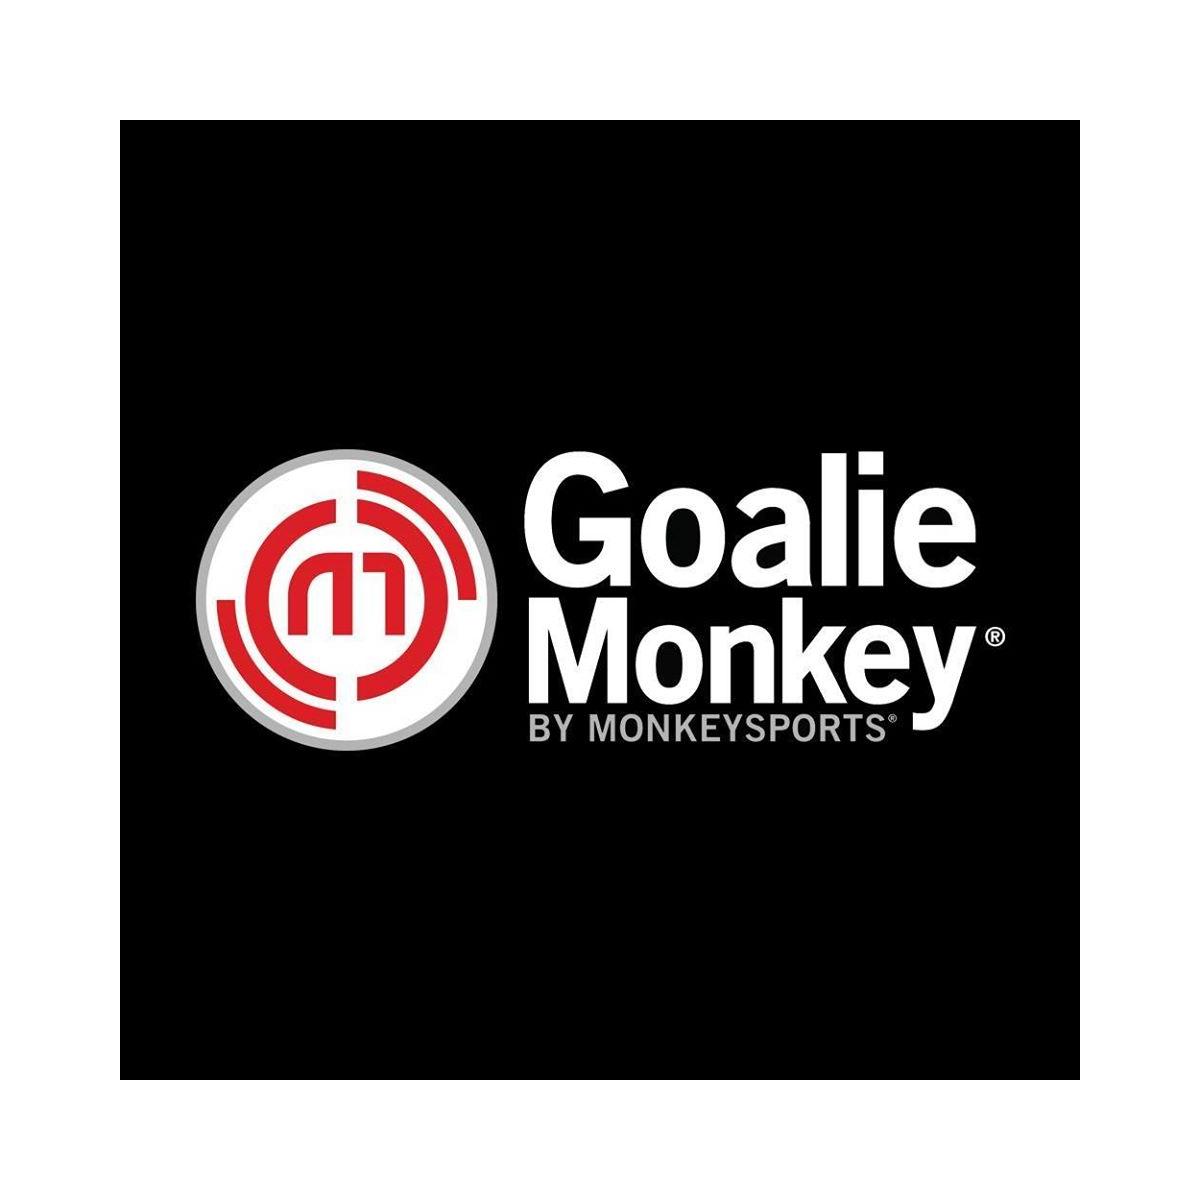 GoalieMonkey